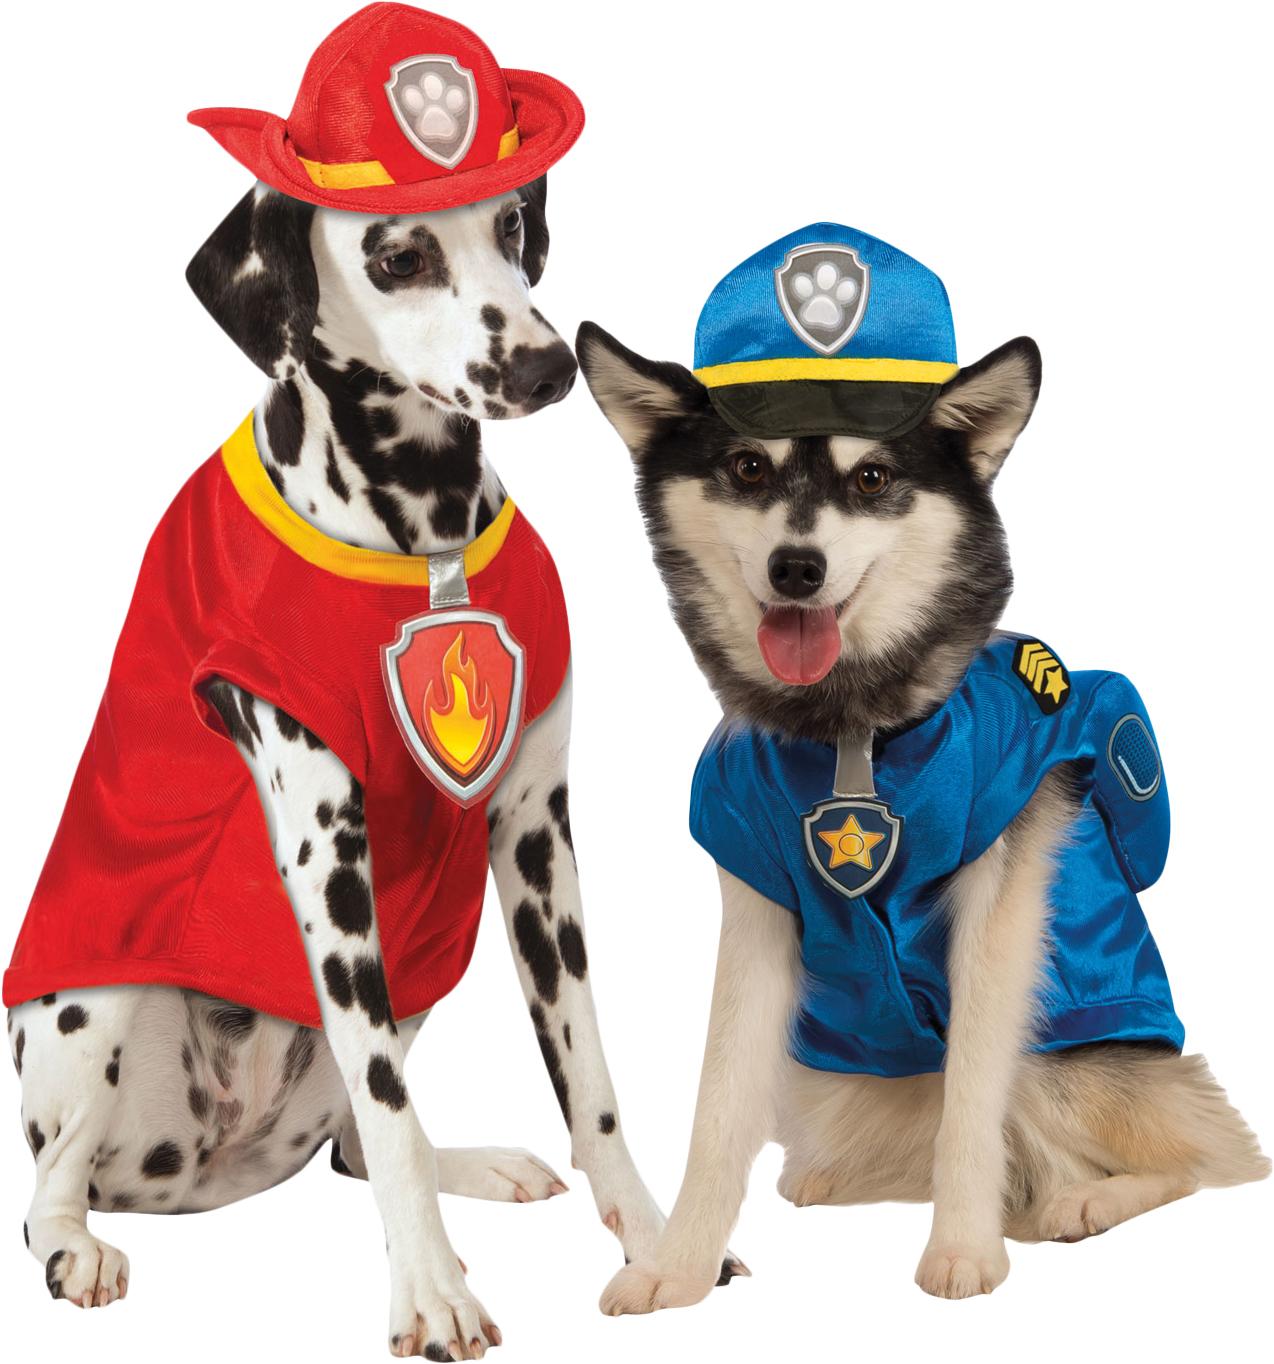 Paw Dogs Cartoon Patrol